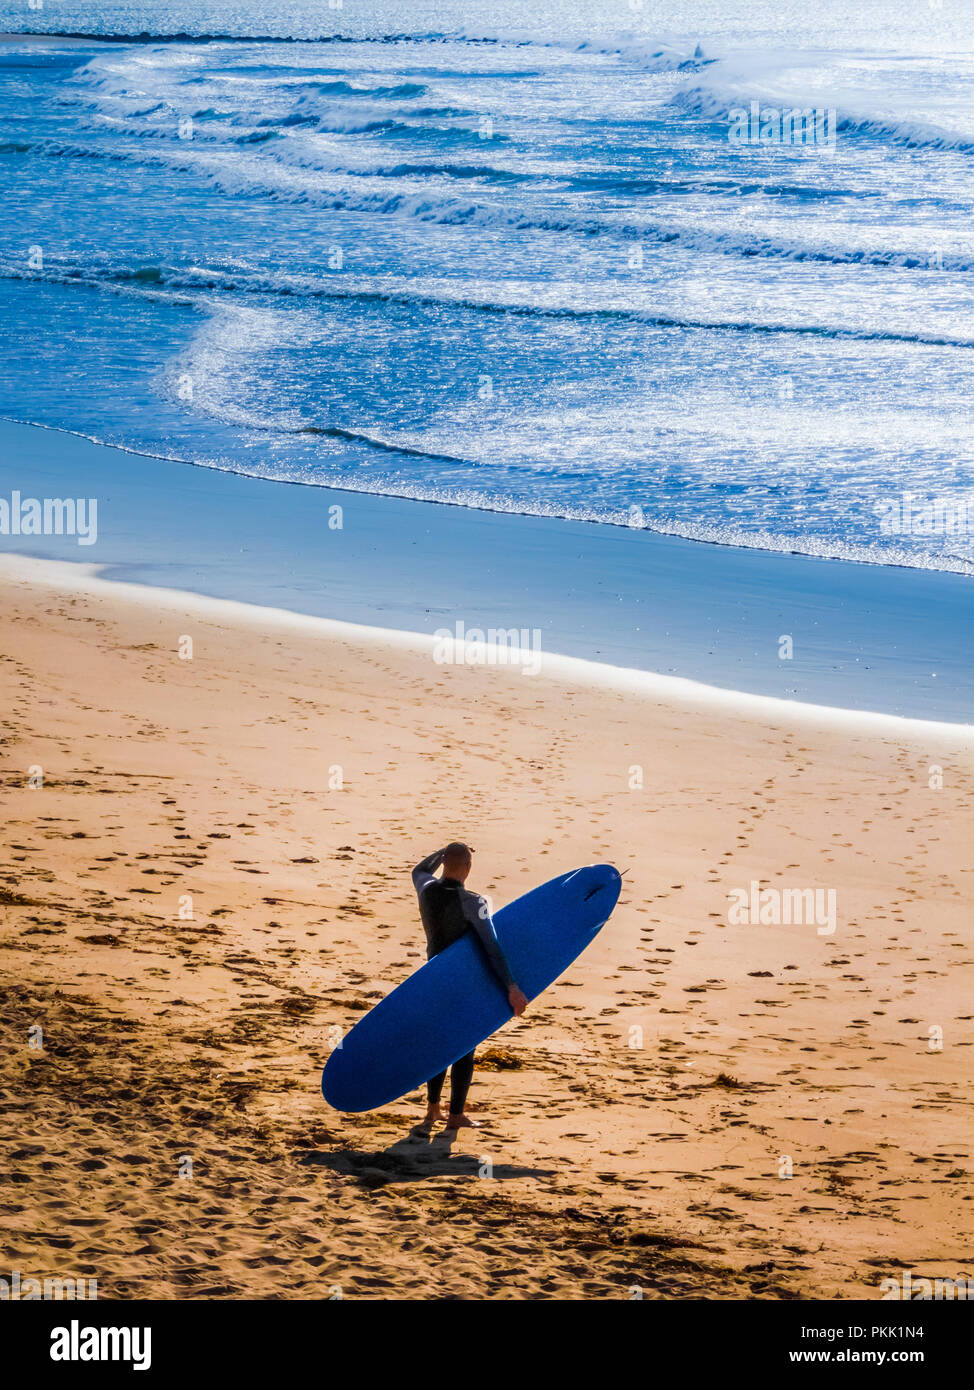 Silhouette von Surfer am Strand die Surfbedingungen. Stockbild